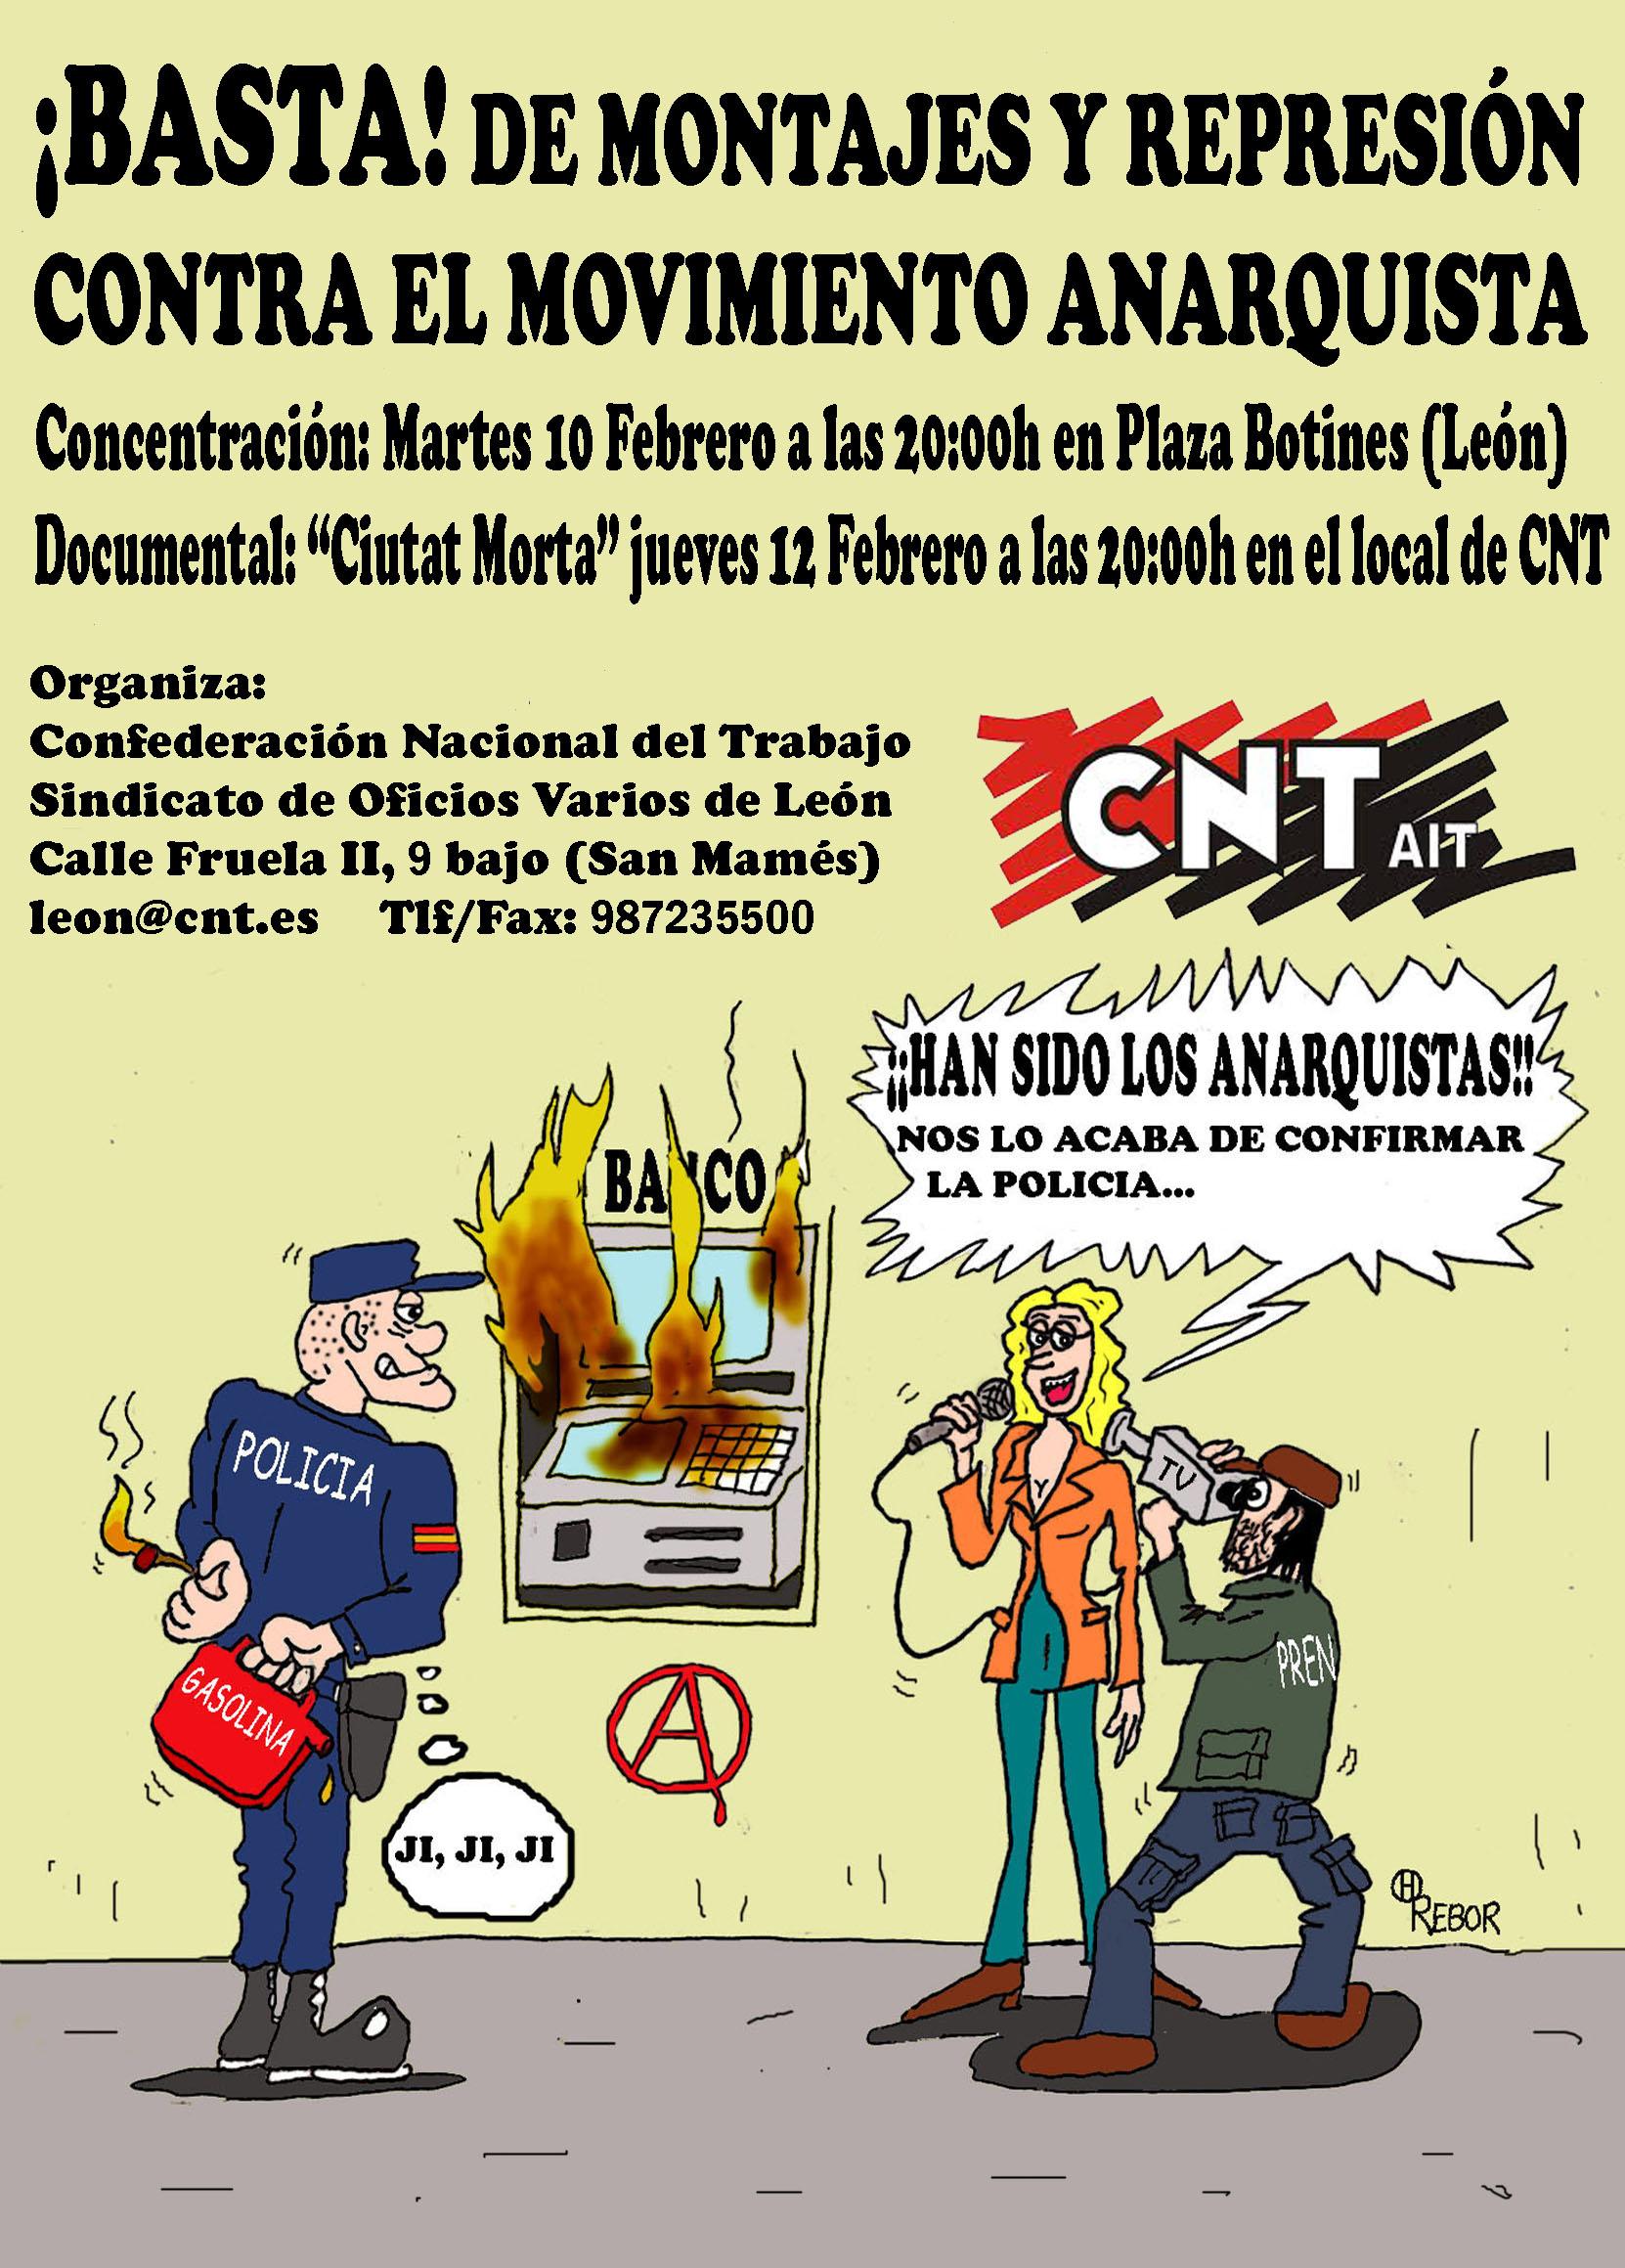 Concentración Basta de montajes y represión contra el movimiento anarquista,